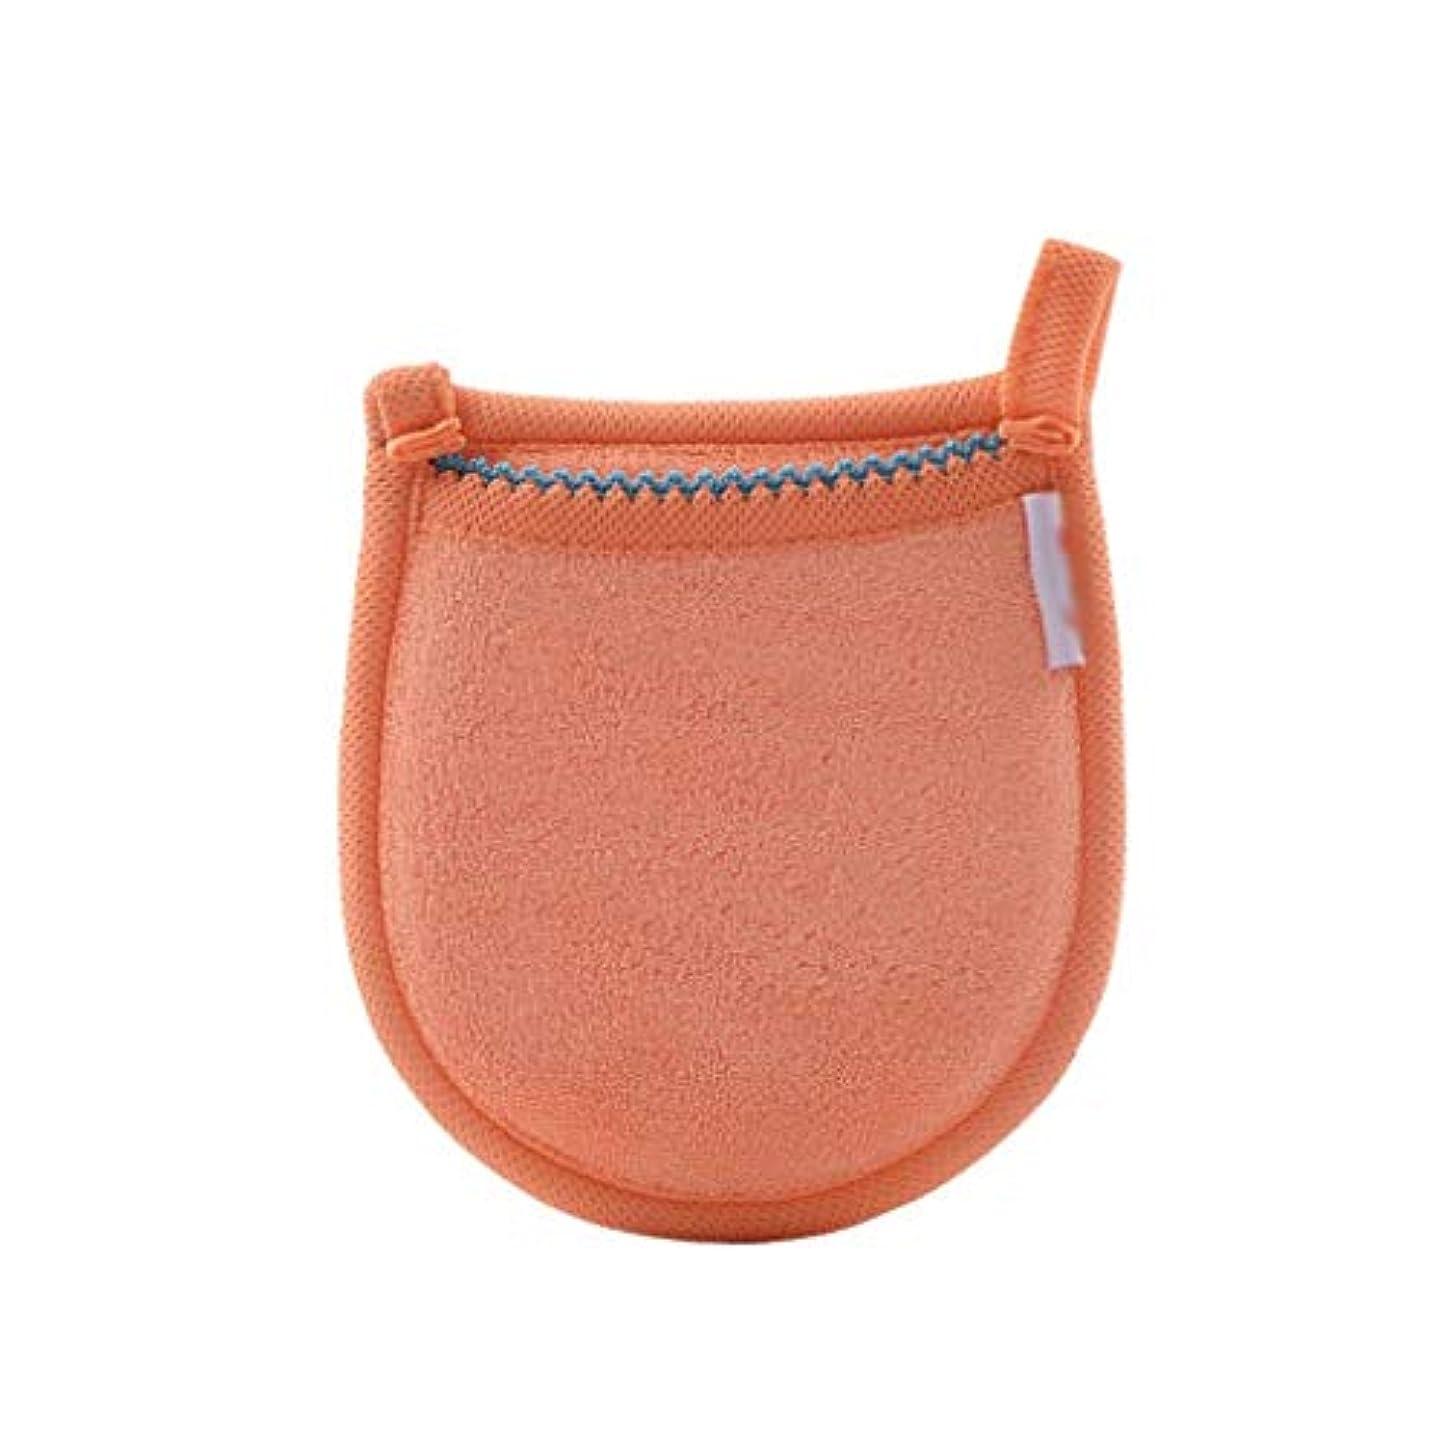 地下室改革スチュアート島1ピースフェイシャル竹炭スポンジフェイスメイク落とし美容再利用可能なフェイスタオルクリーニンググローブ洗濯メイクアップツール (Color : Orange)